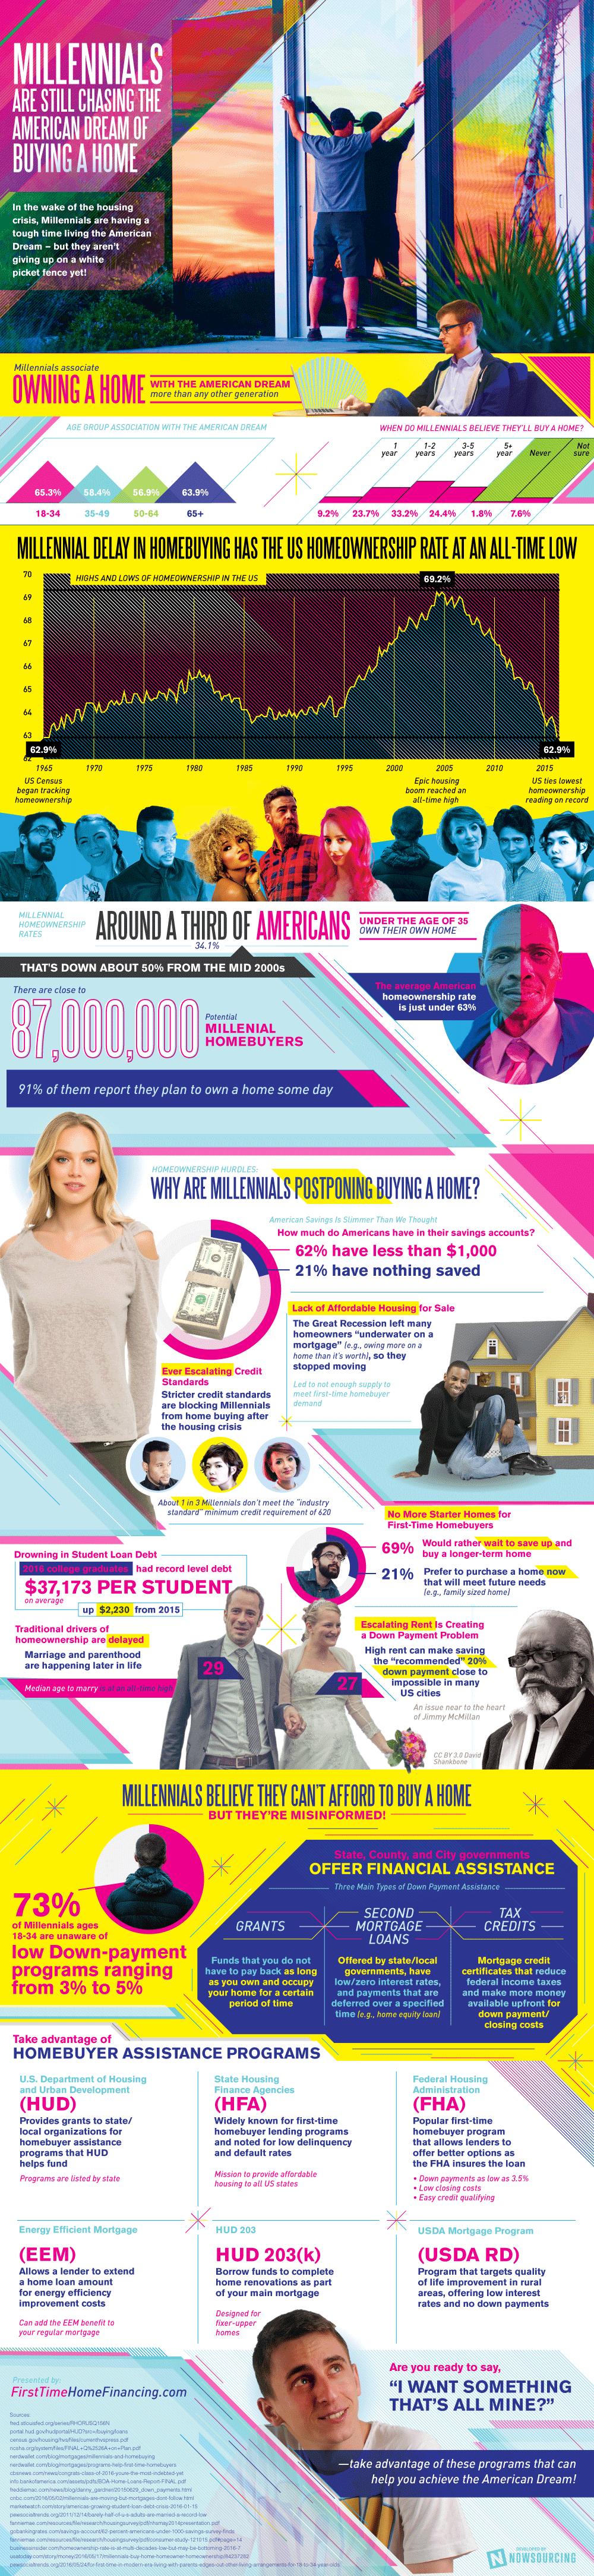 millennial-home-buyers